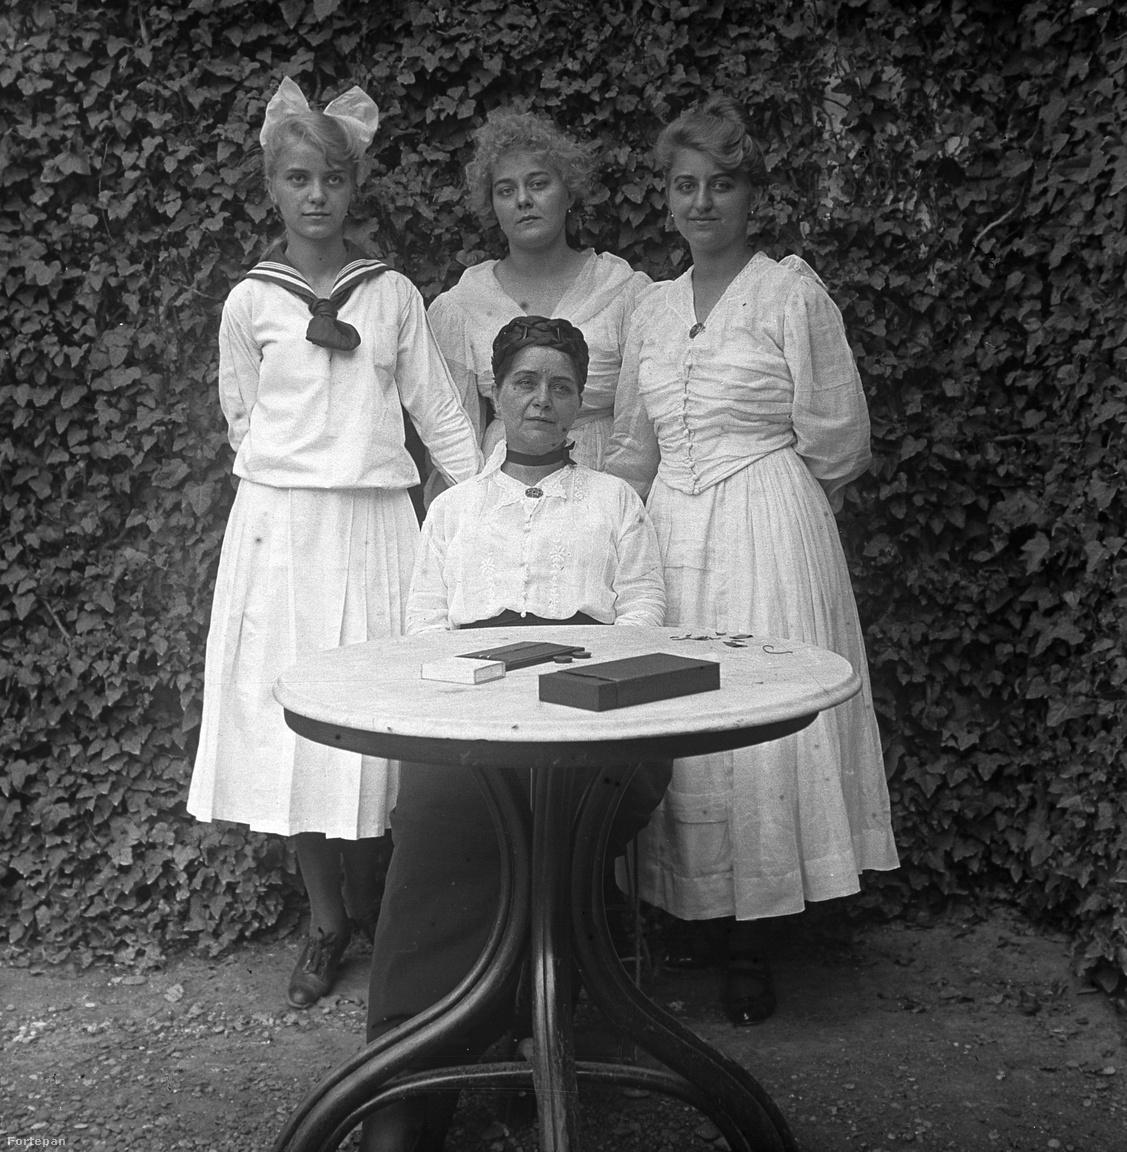 """Anya és lányai, akárcsak Pórteleky Magda és Marcsi, Zsuzska, Klári a Színek és évekbőlKözös fotón a régi és az új világrend: """"ők már másfélék!"""" Nemcsak házitündérkisasszonyok, lehet belőlük tanár vagy patikus, és szabad a szerelem is: """"ráér erre a fényűzésre, nem kell férjhez szaladnia a kenyérért…"""""""